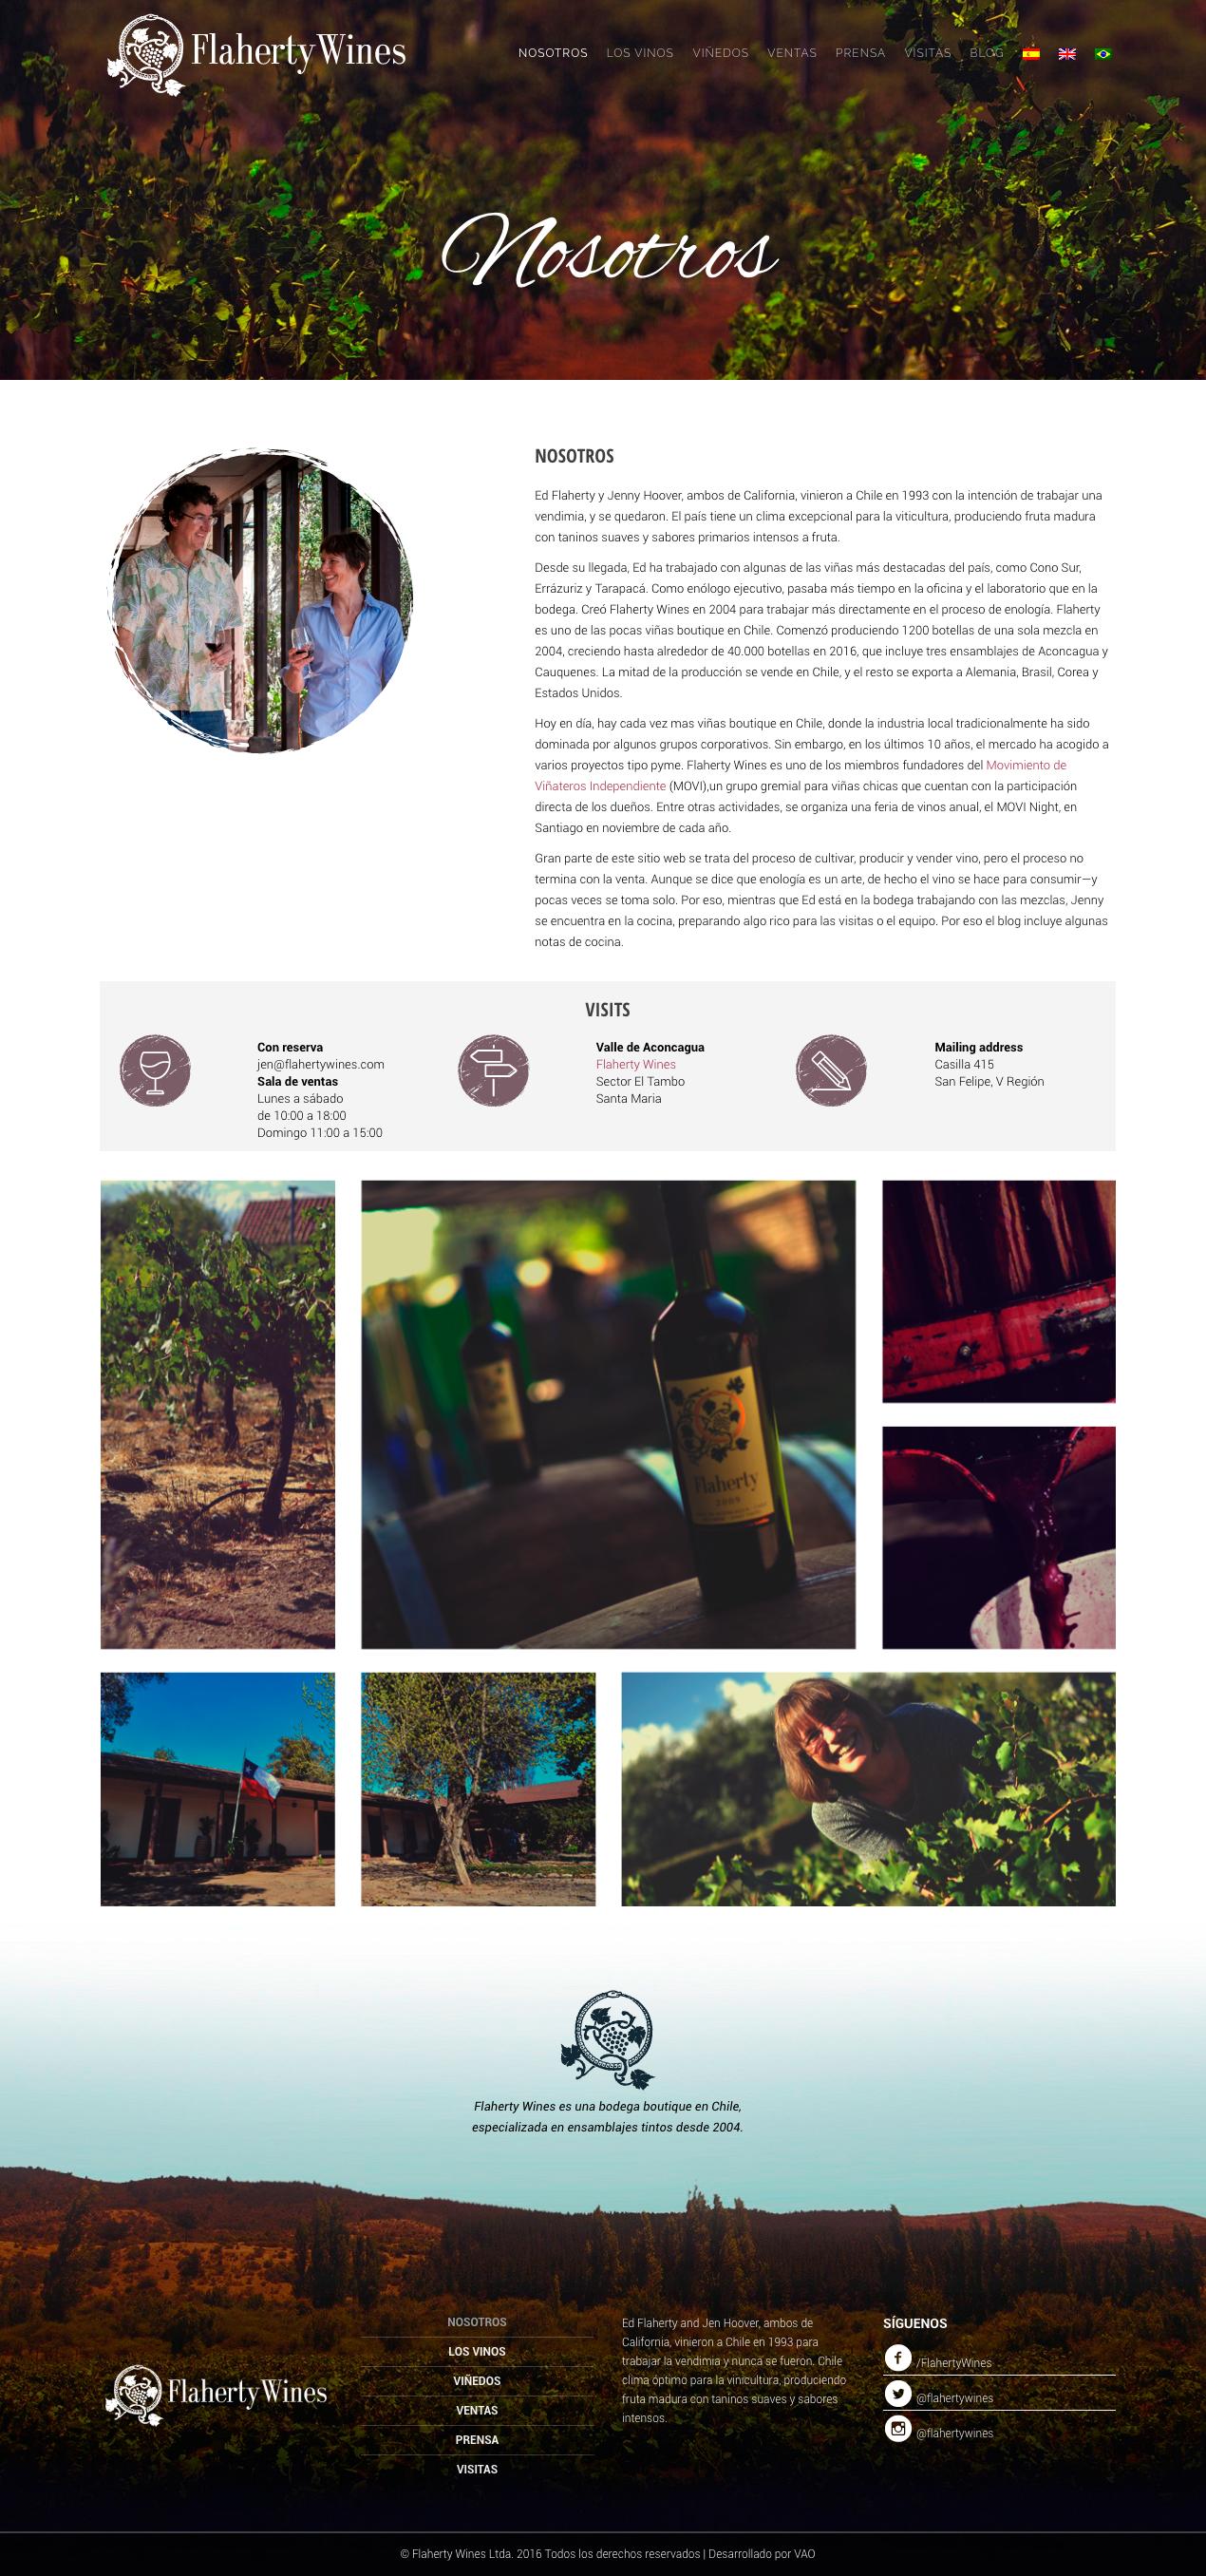 flaherty wines web